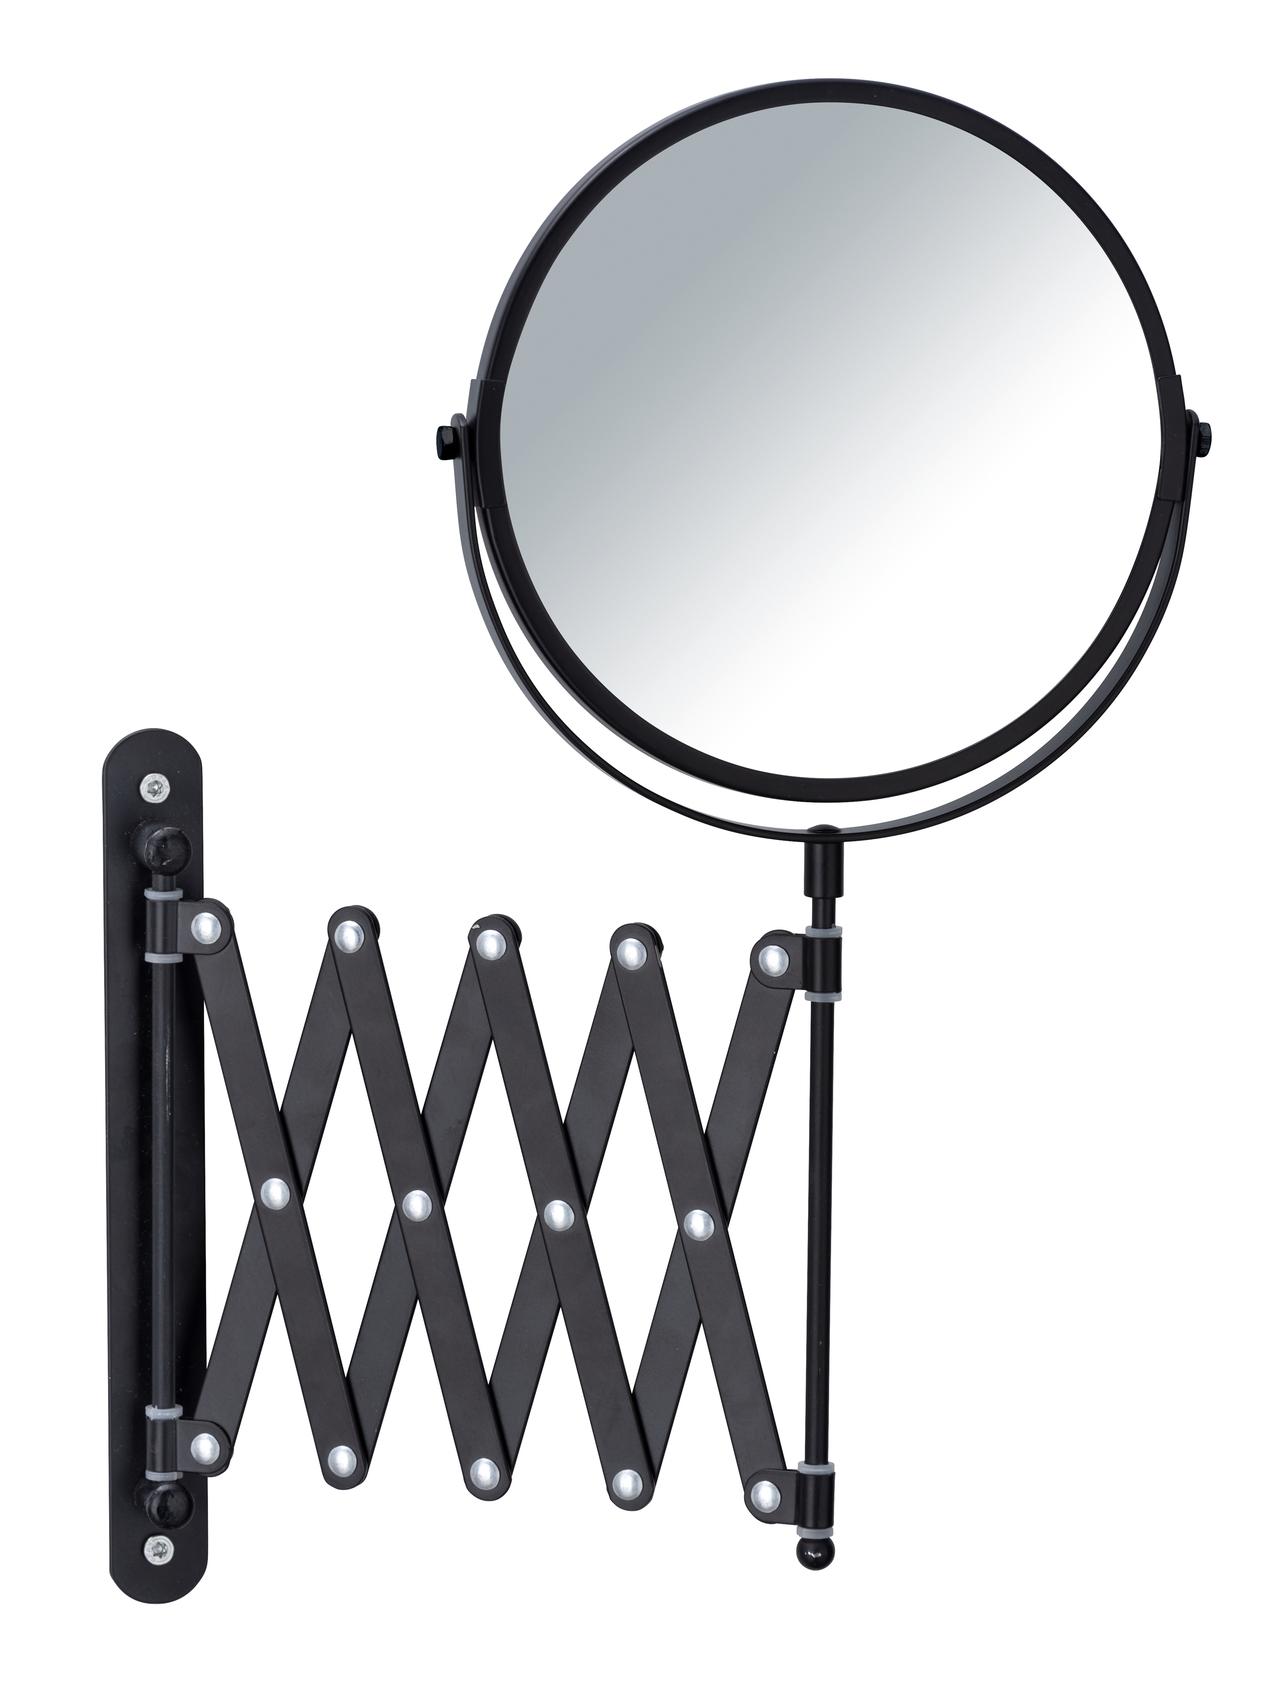 Oglinda cosmetica de perete, extensibila, Exclusiv Negru, Ø16xl19-50xH38,5 cm poza